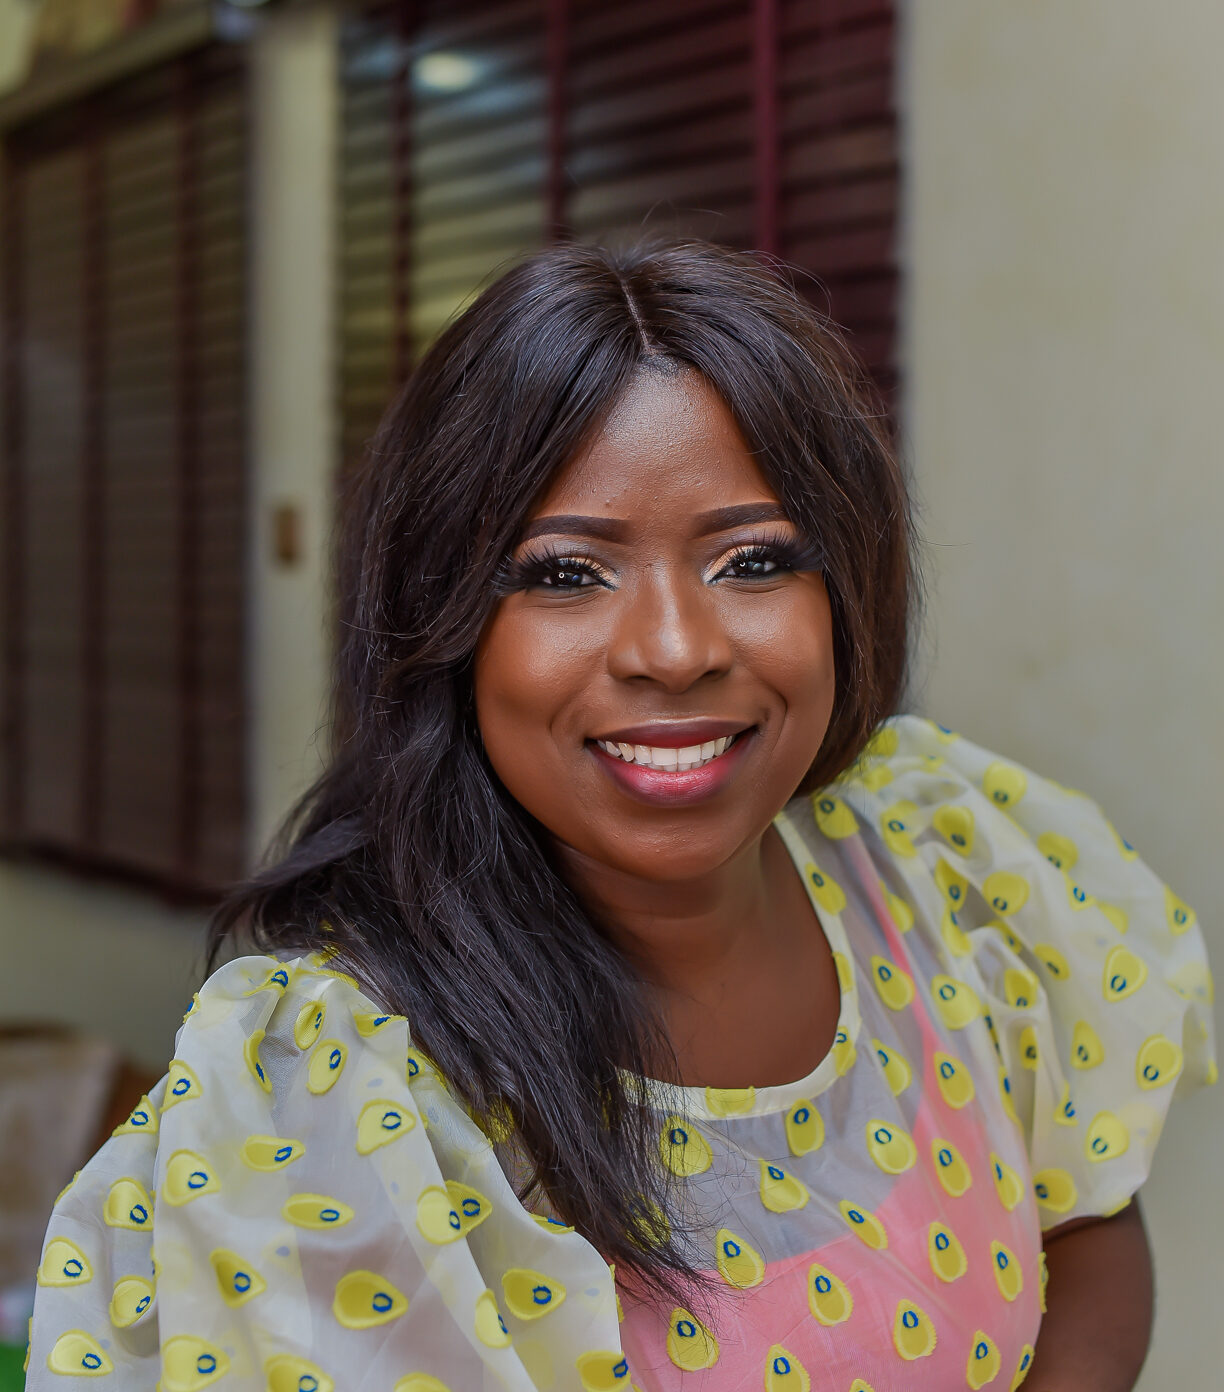 Morerinayo Odunola : Baking her way up!